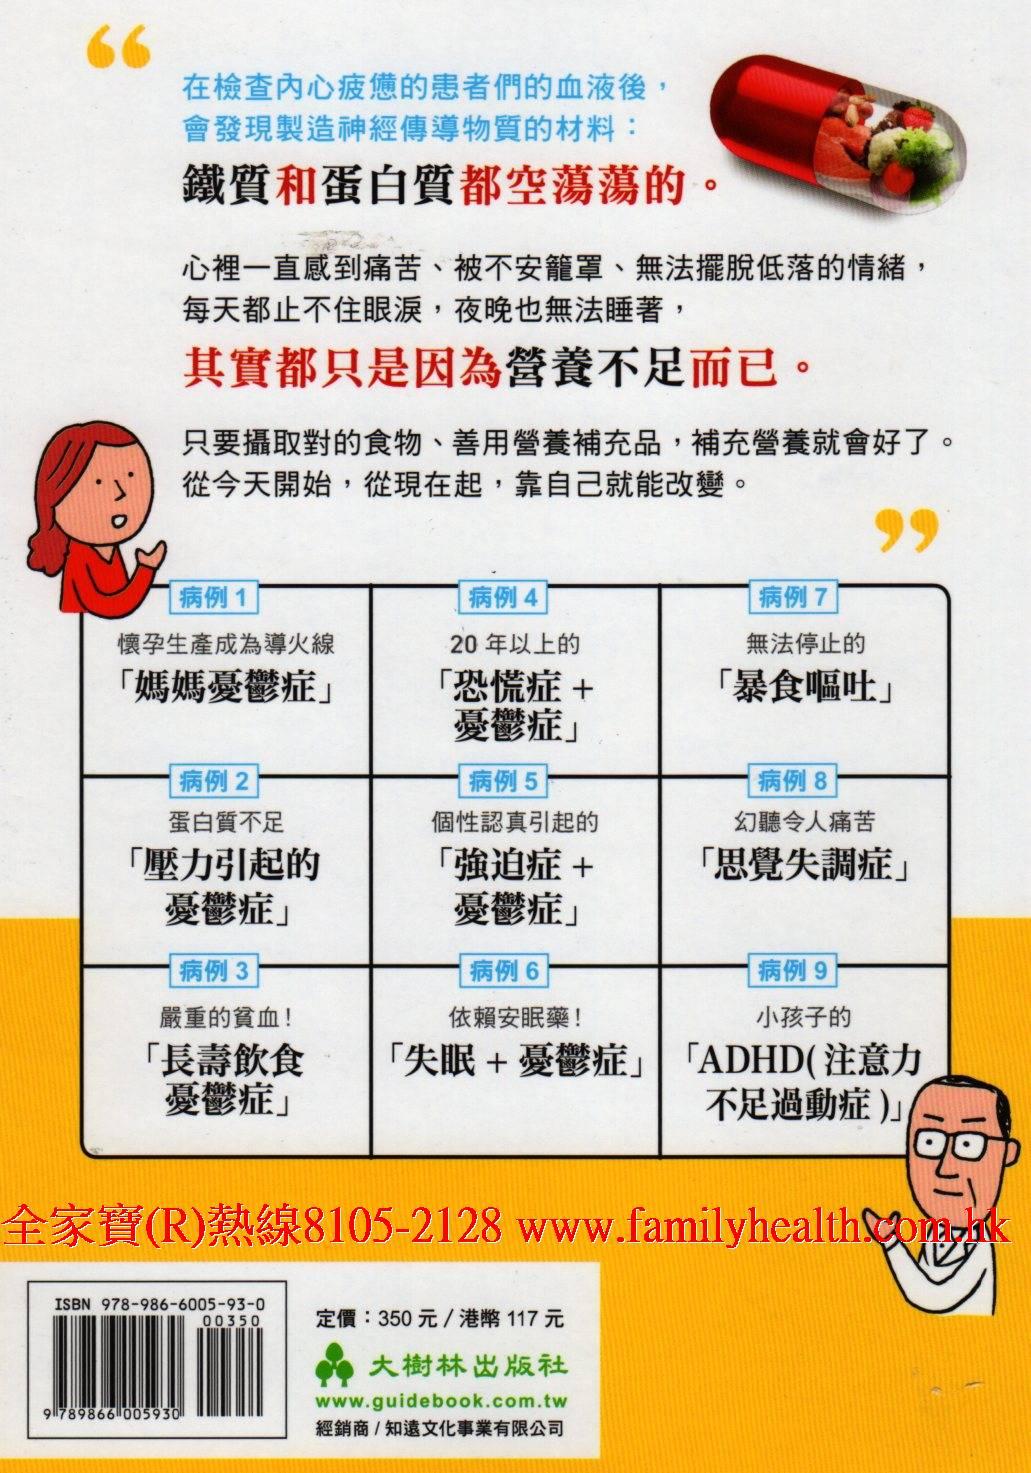 http://www.familyhealth.com.hk/files/full/1099_2.jpg